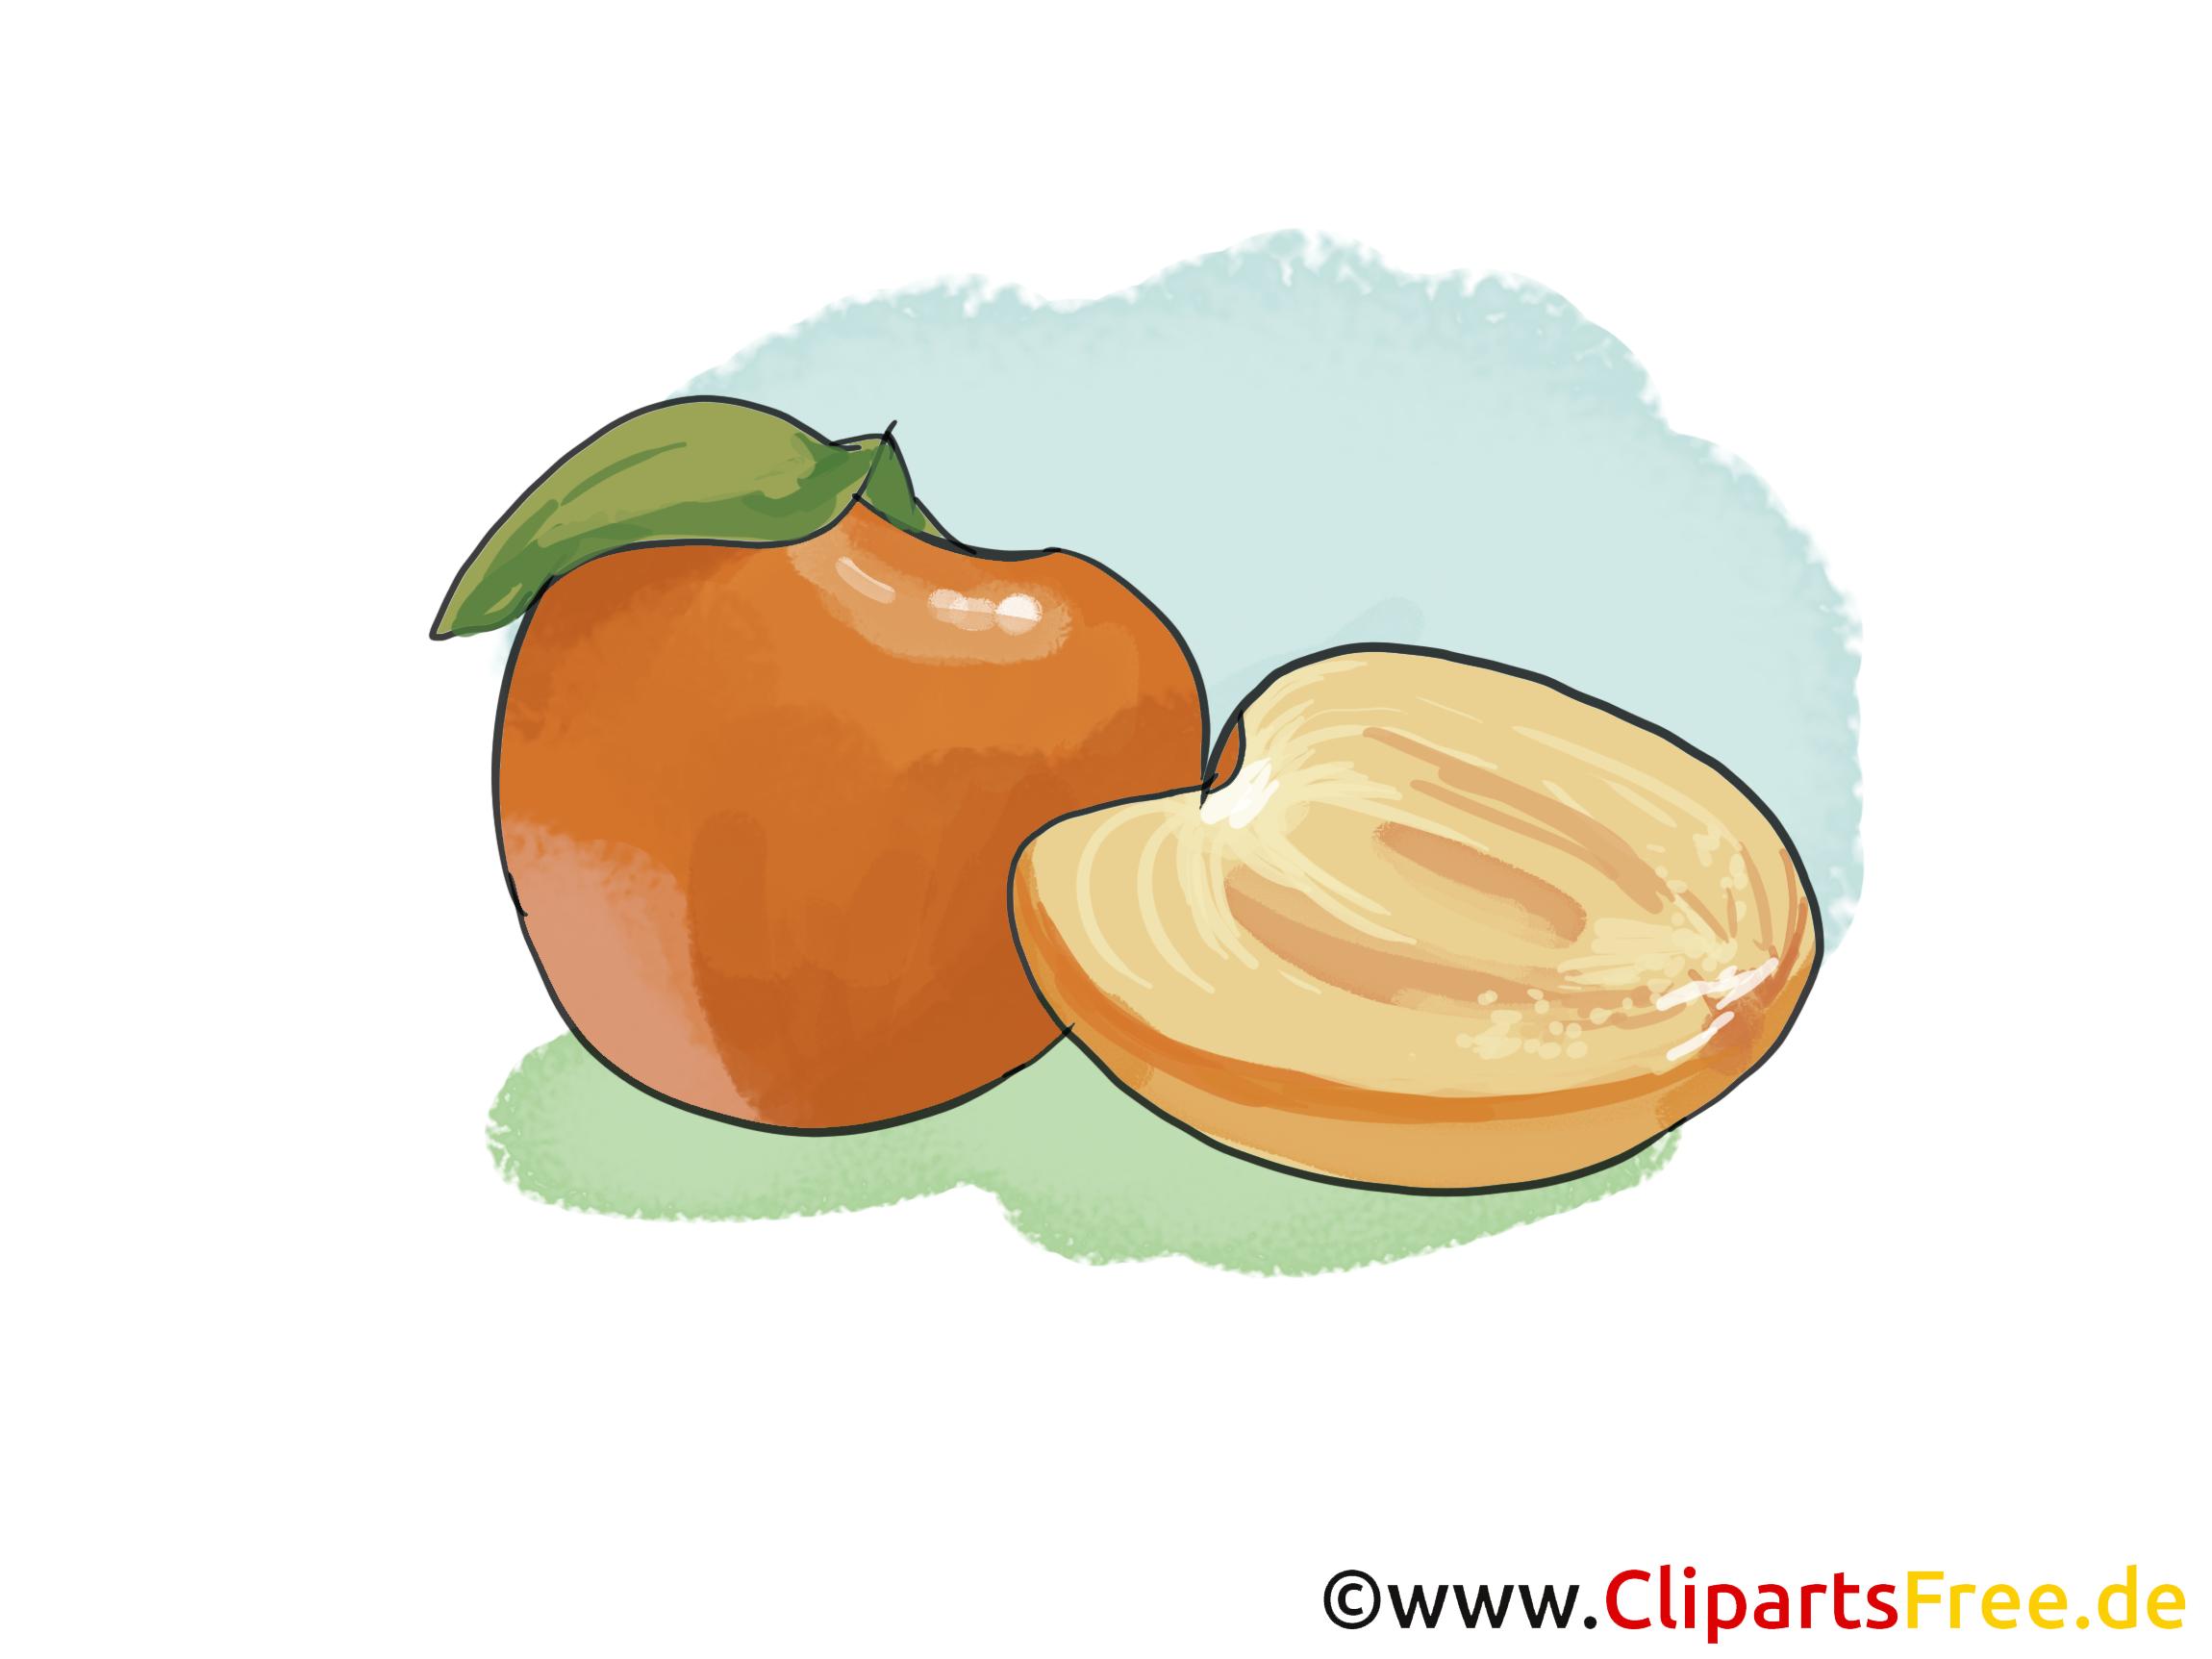 Abricot fruits image à télécharger gratuite